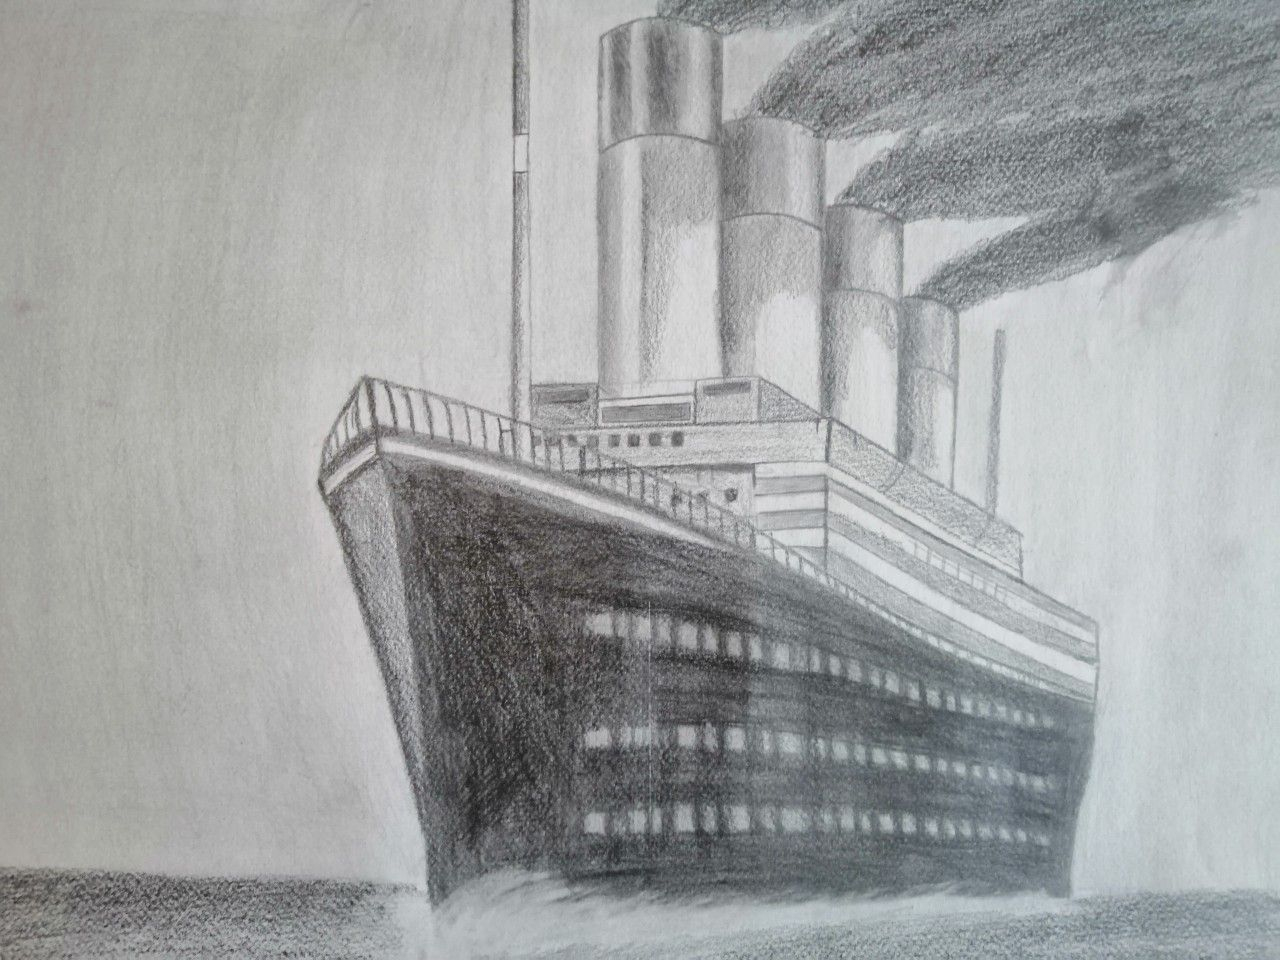 Dessin Au Crayon Graphite Du Paquebot Rms Titanic. | Dessin tout Paquebot Dessin